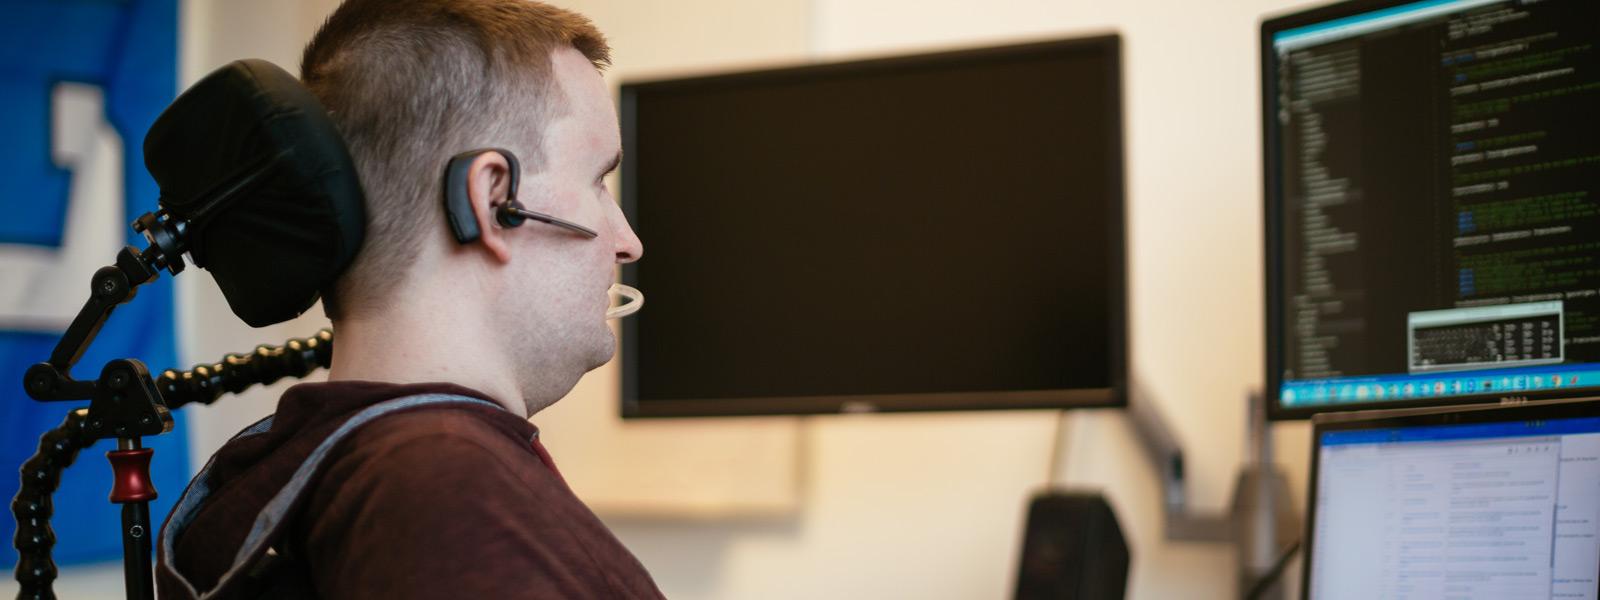 Man aan een bureau die assisterende hardwaretechnologie gebruikt om een computer met Windows 10 te besturen met zijn ogen